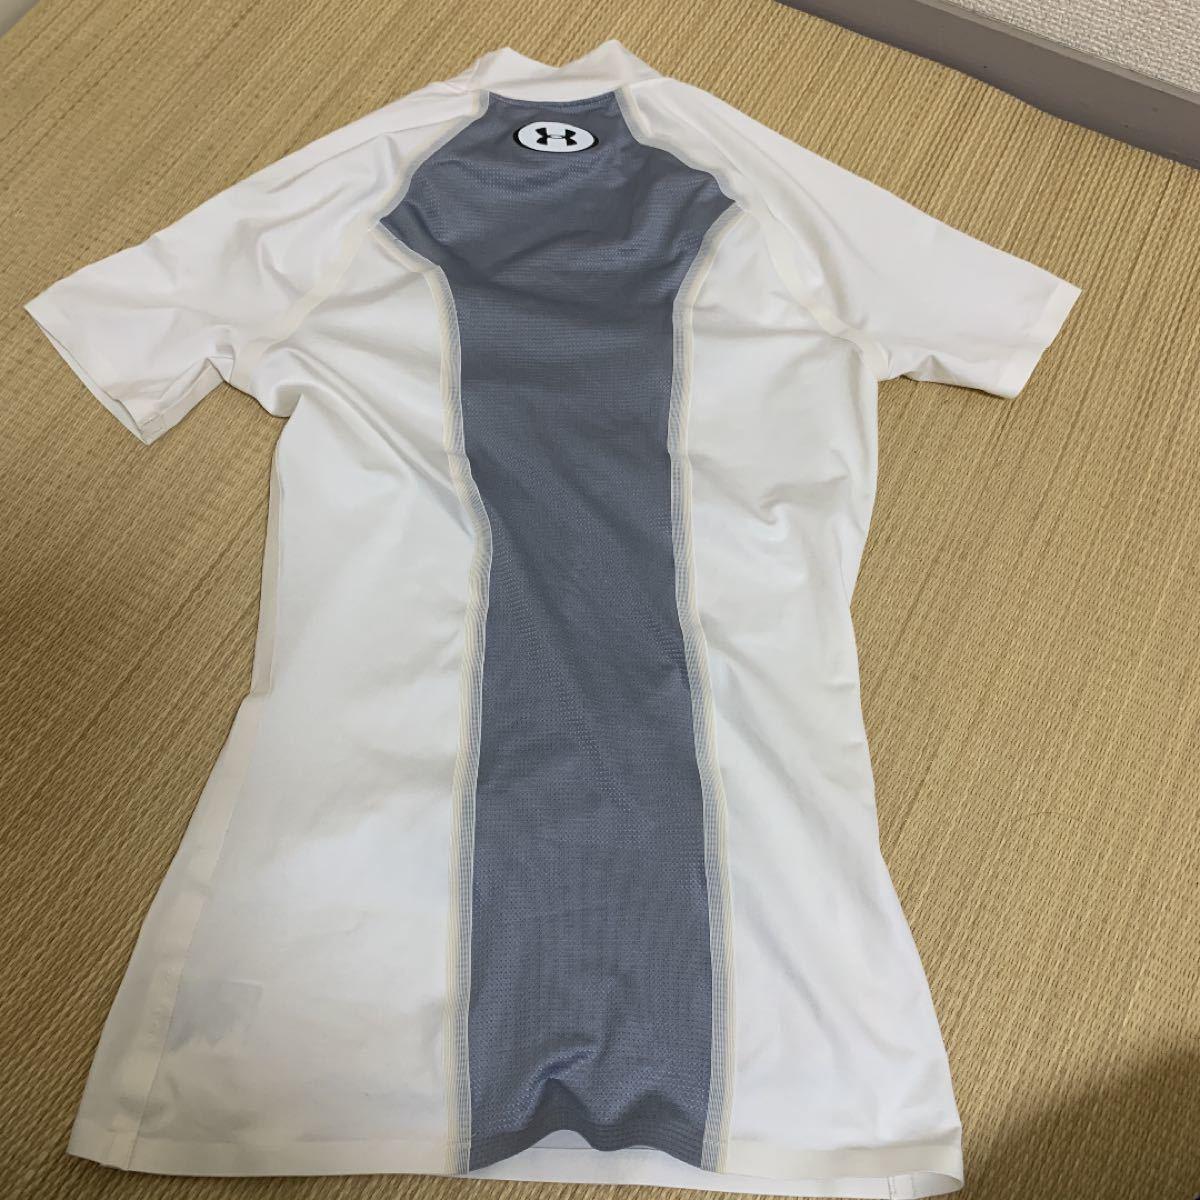 アンダーアーマー ヒートギア アンダーシャツ 半袖 UNDER ARMOUR アンダーアーマーヒートギア